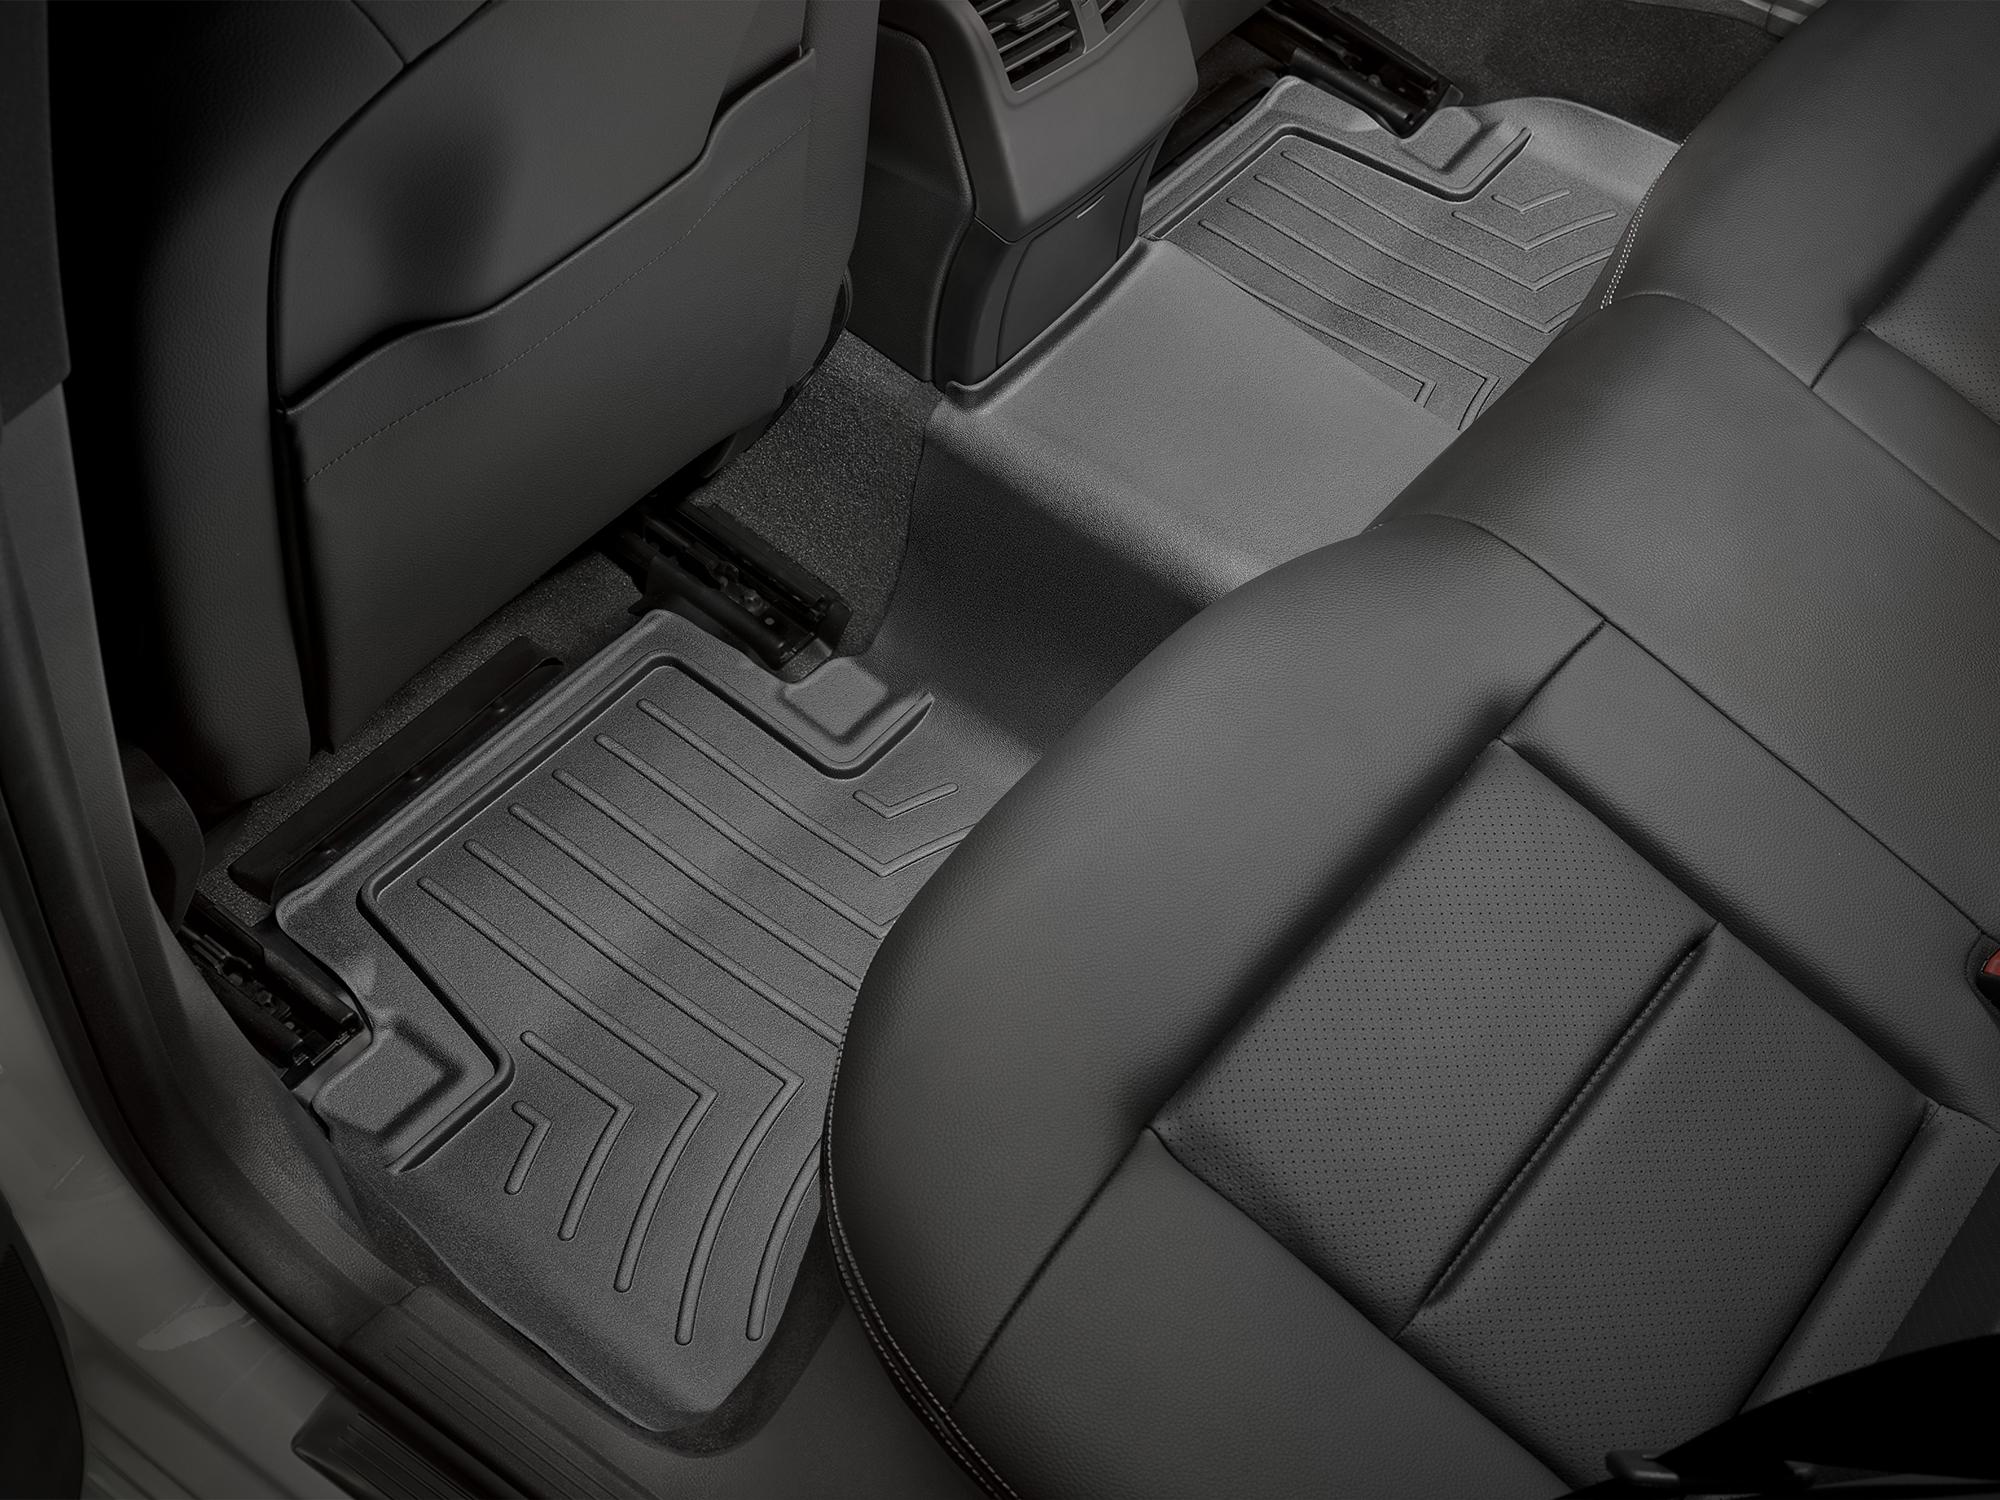 Tappeti gomma su misura bordo alto Mercedes E-Class 12>14 Nero A2409*